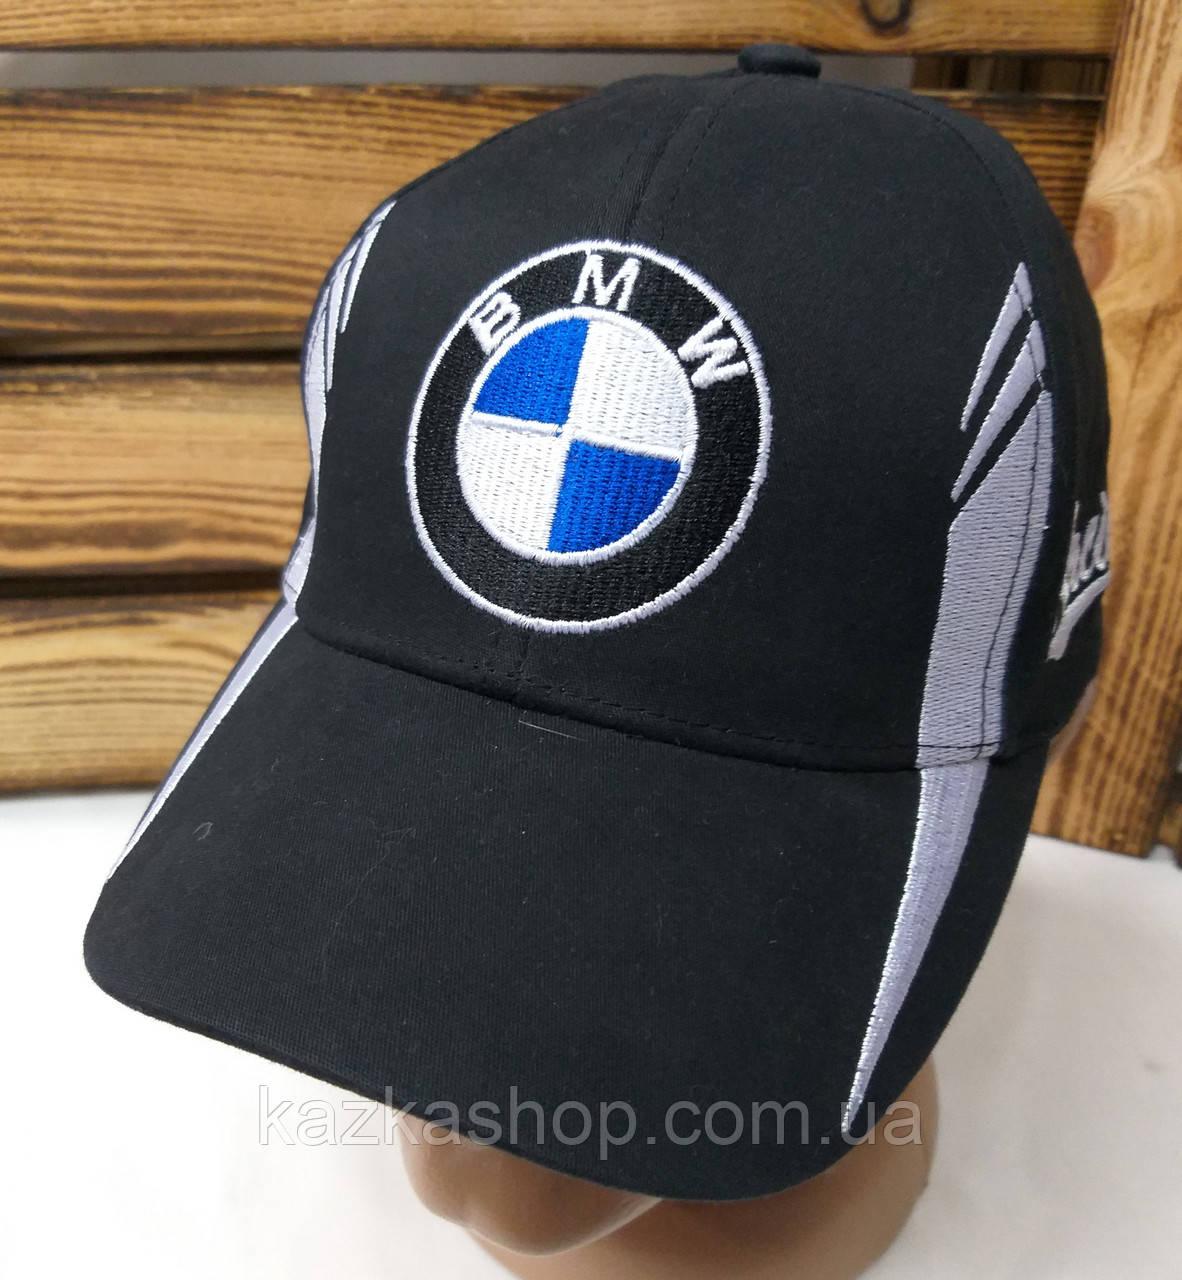 Подростковая стильная кепка с вышивкой логотипа автомобиля NMW, 52-54 размер, с регулятором